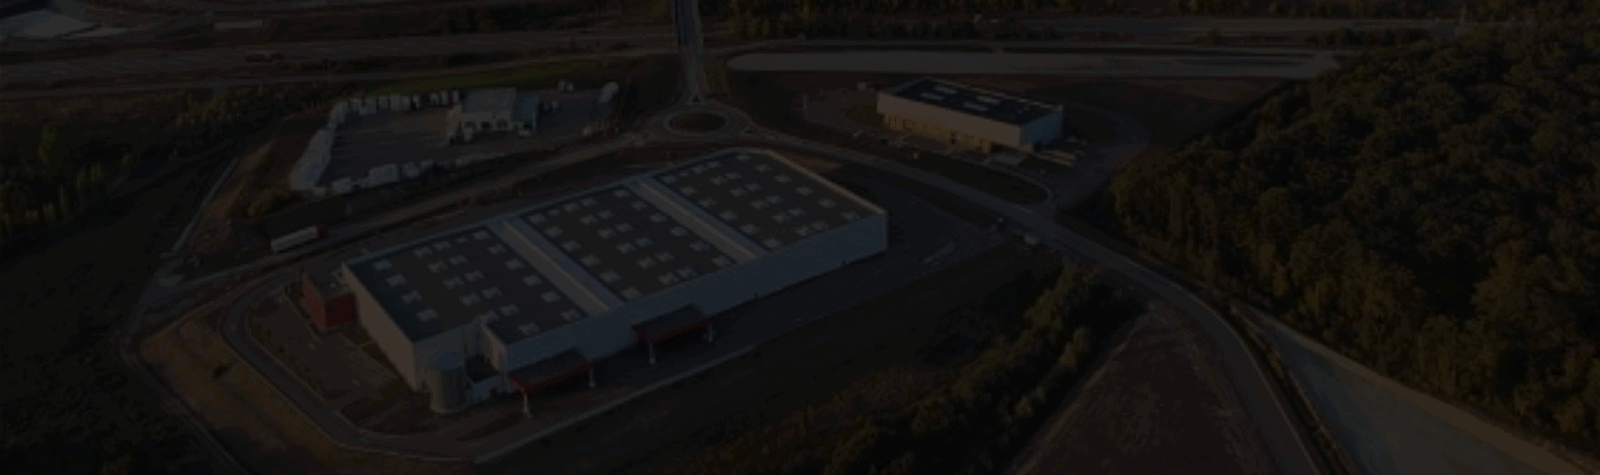 Drees & Sommer livre près de 100 000 m² de nouvelles unités de production au sein de l'Europôle Sarreguemines-Hambach